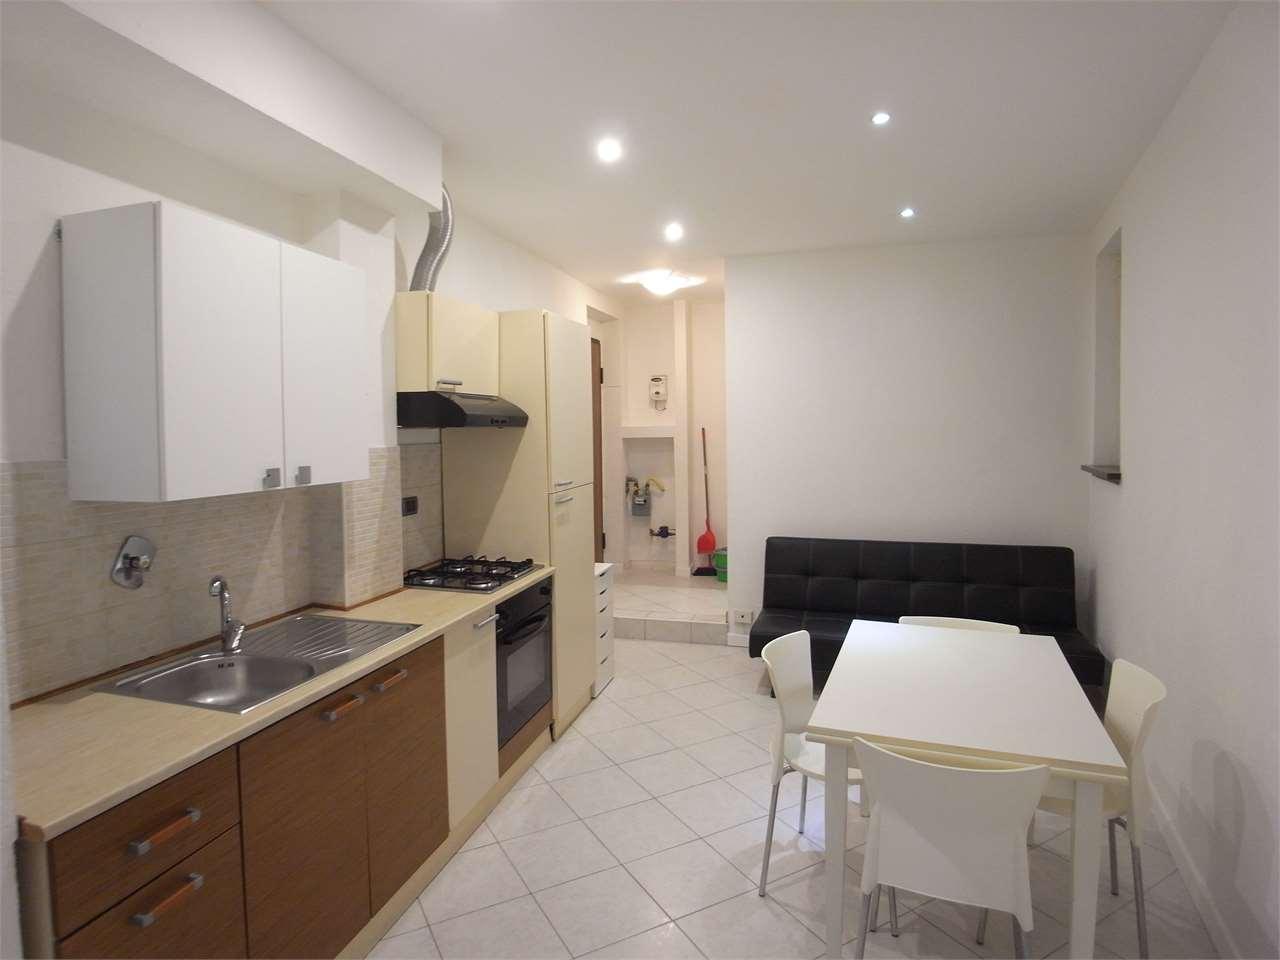 Appartamento in affitto a Trieste, 2 locali, zona Zona: Centro, prezzo € 420 | CambioCasa.it